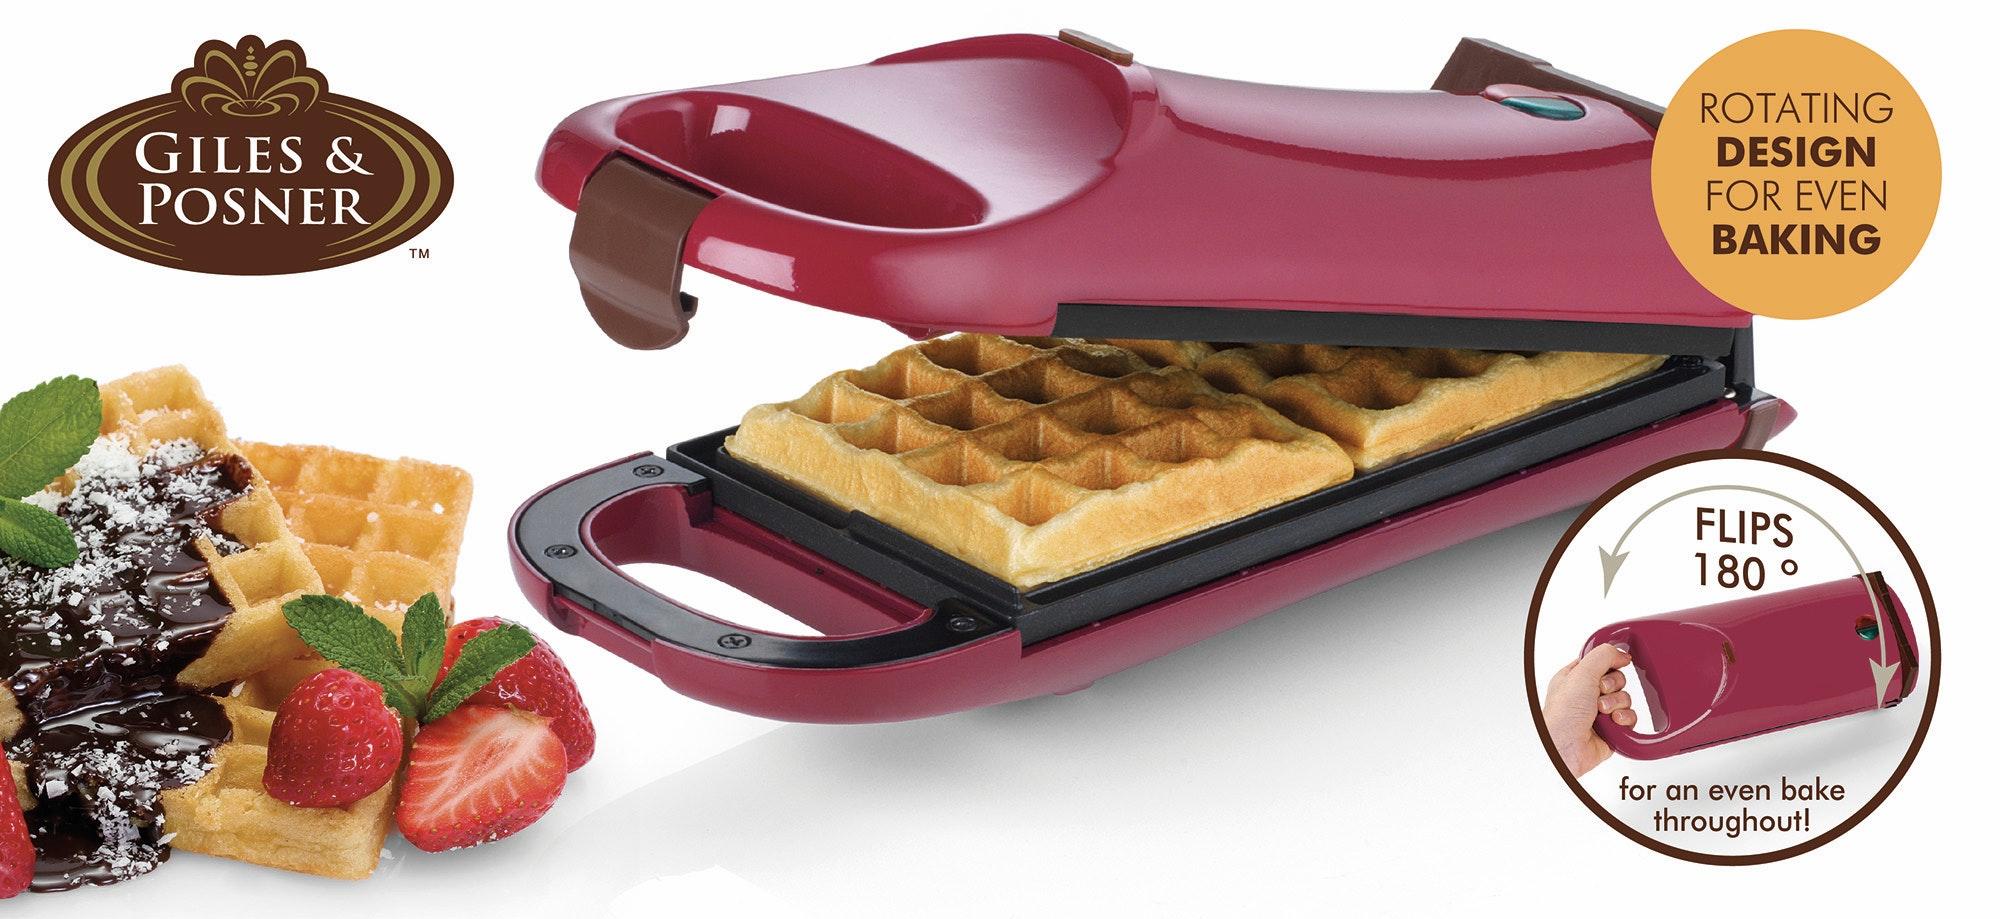 Giles   posner flip over waffle maker